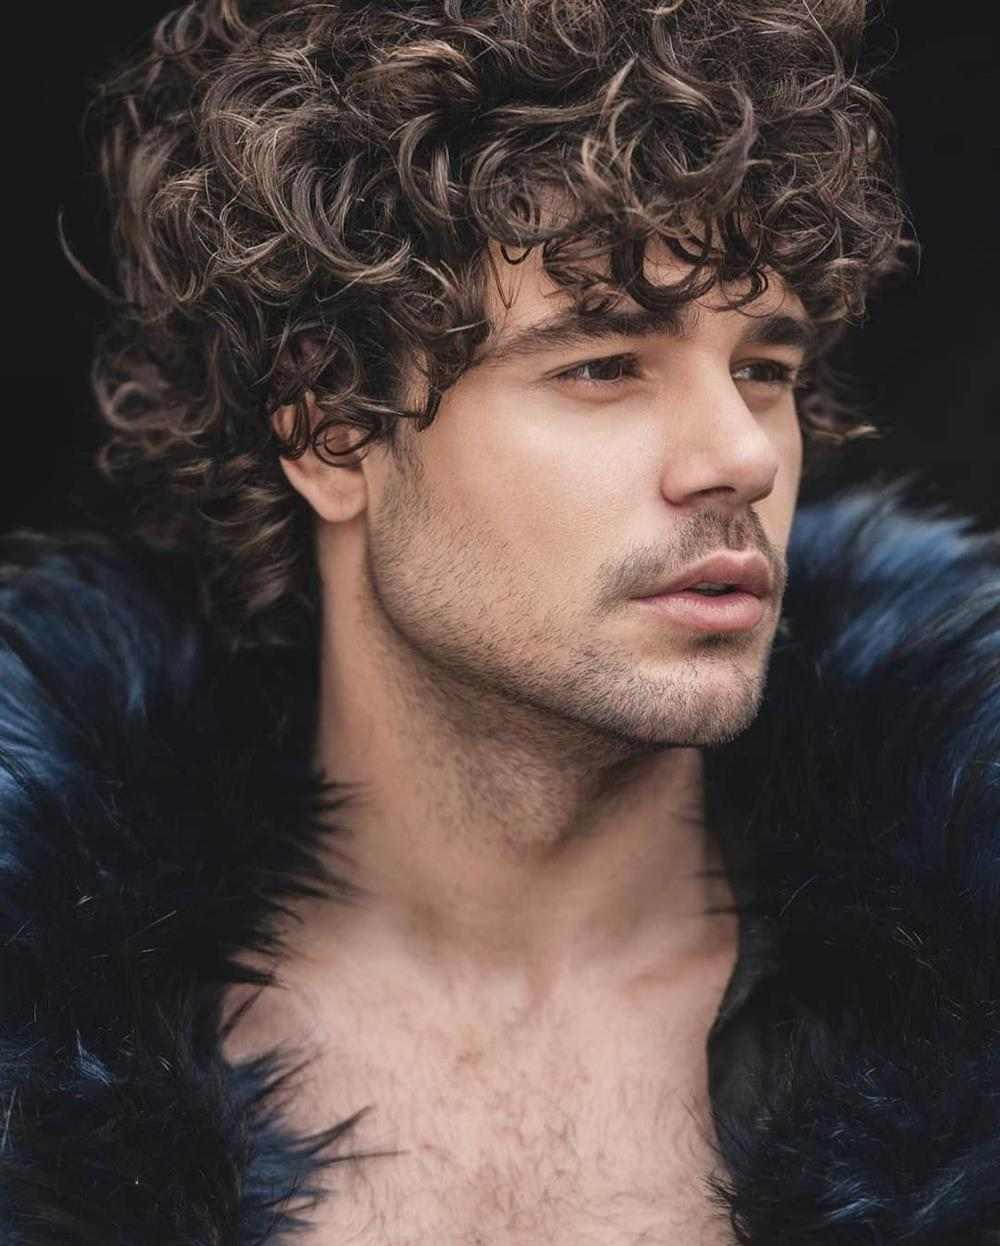 cabelo cacheado masculino anjinho